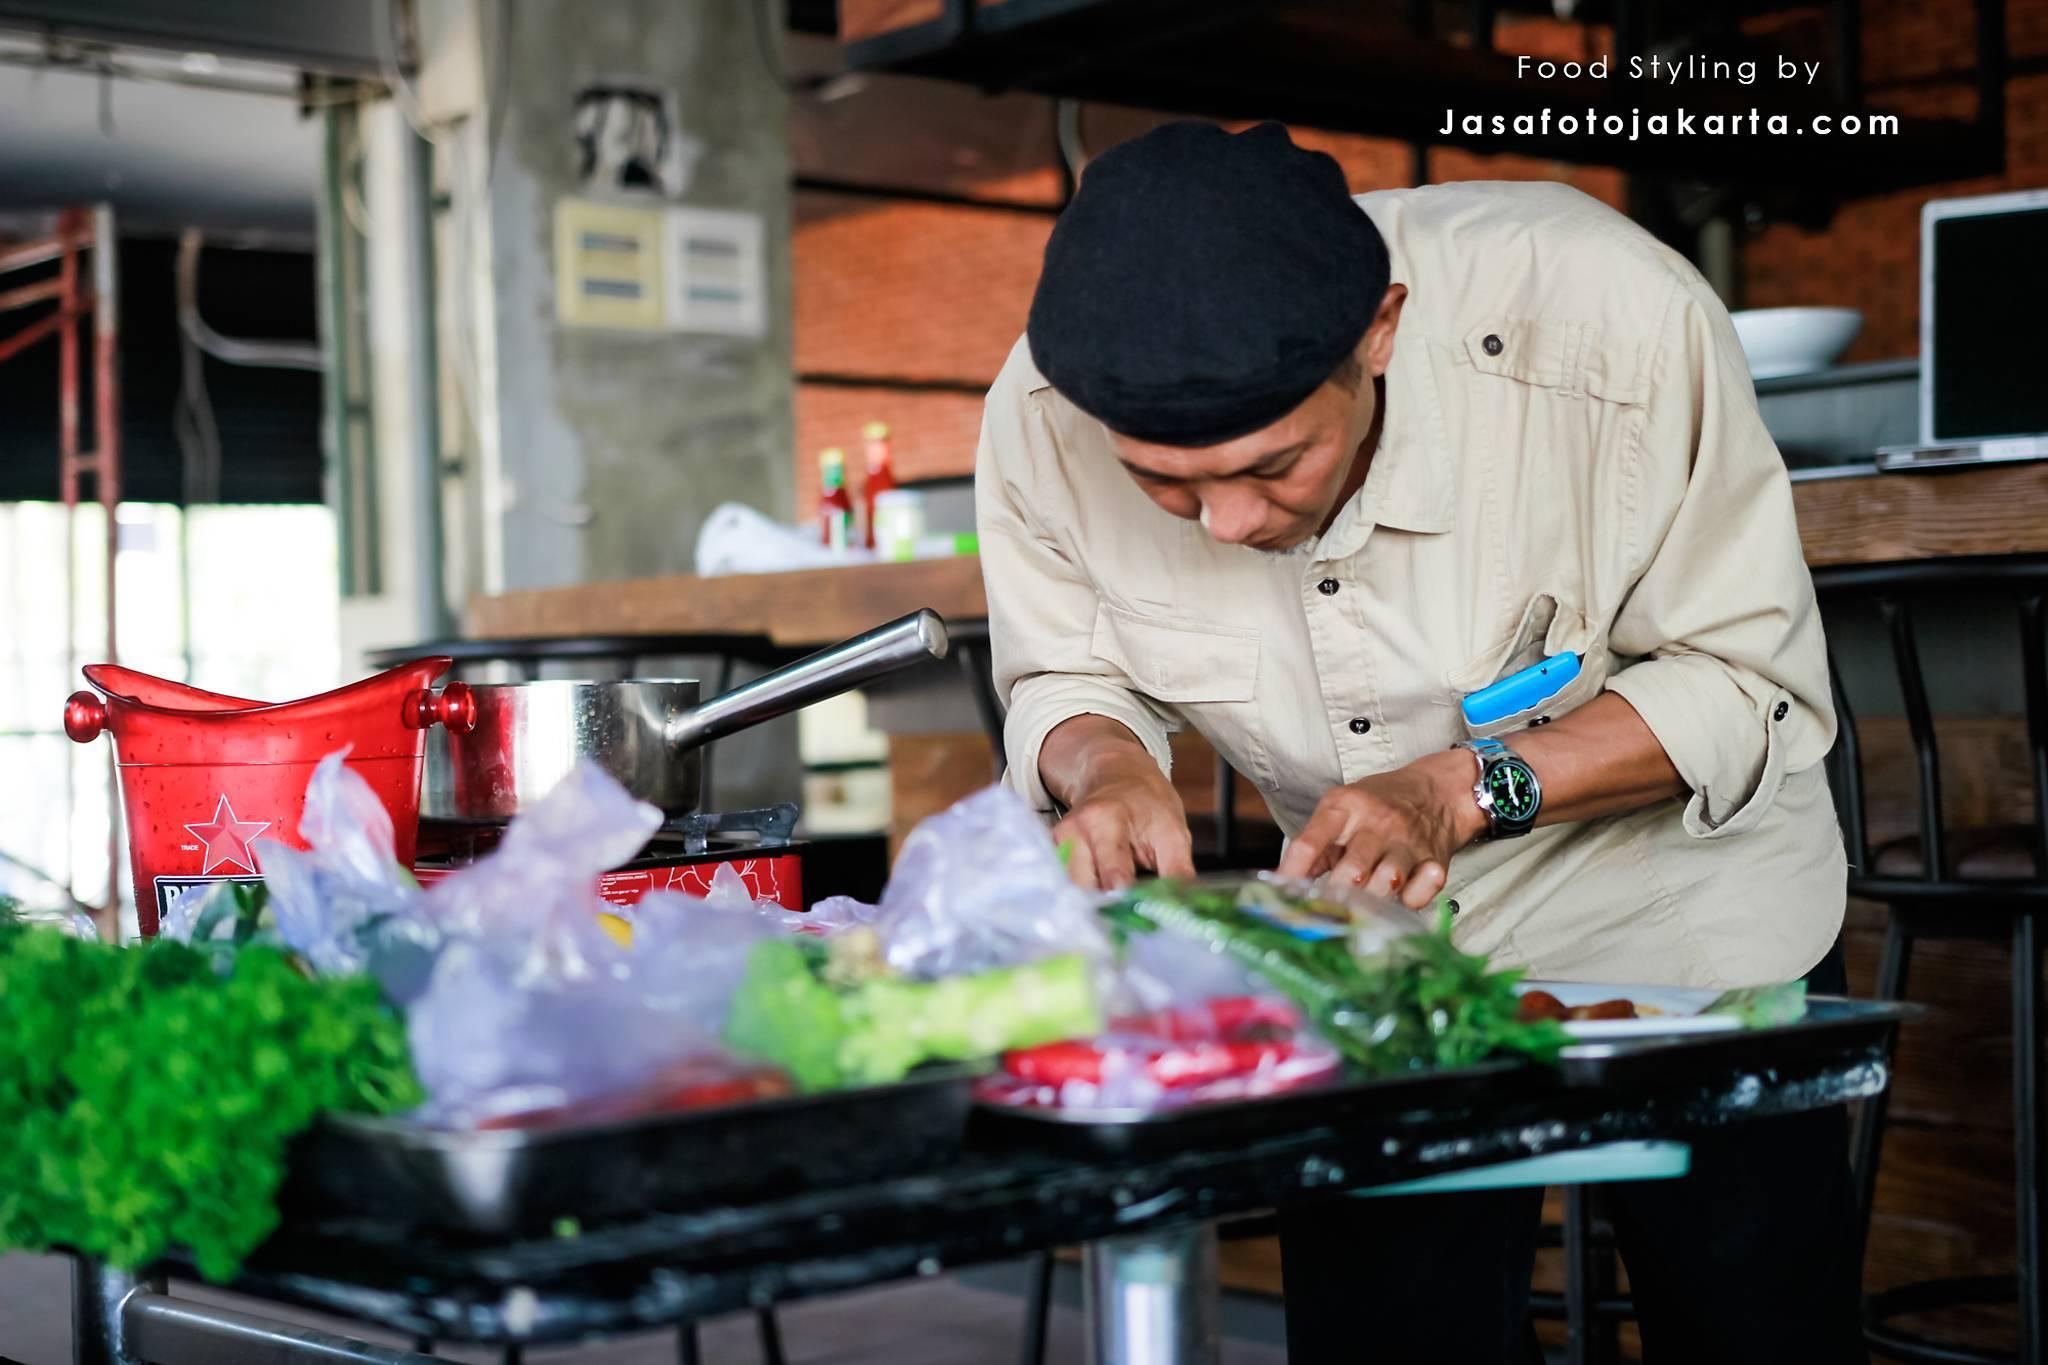 _MG_9201- Jasafotojakarta.com copy